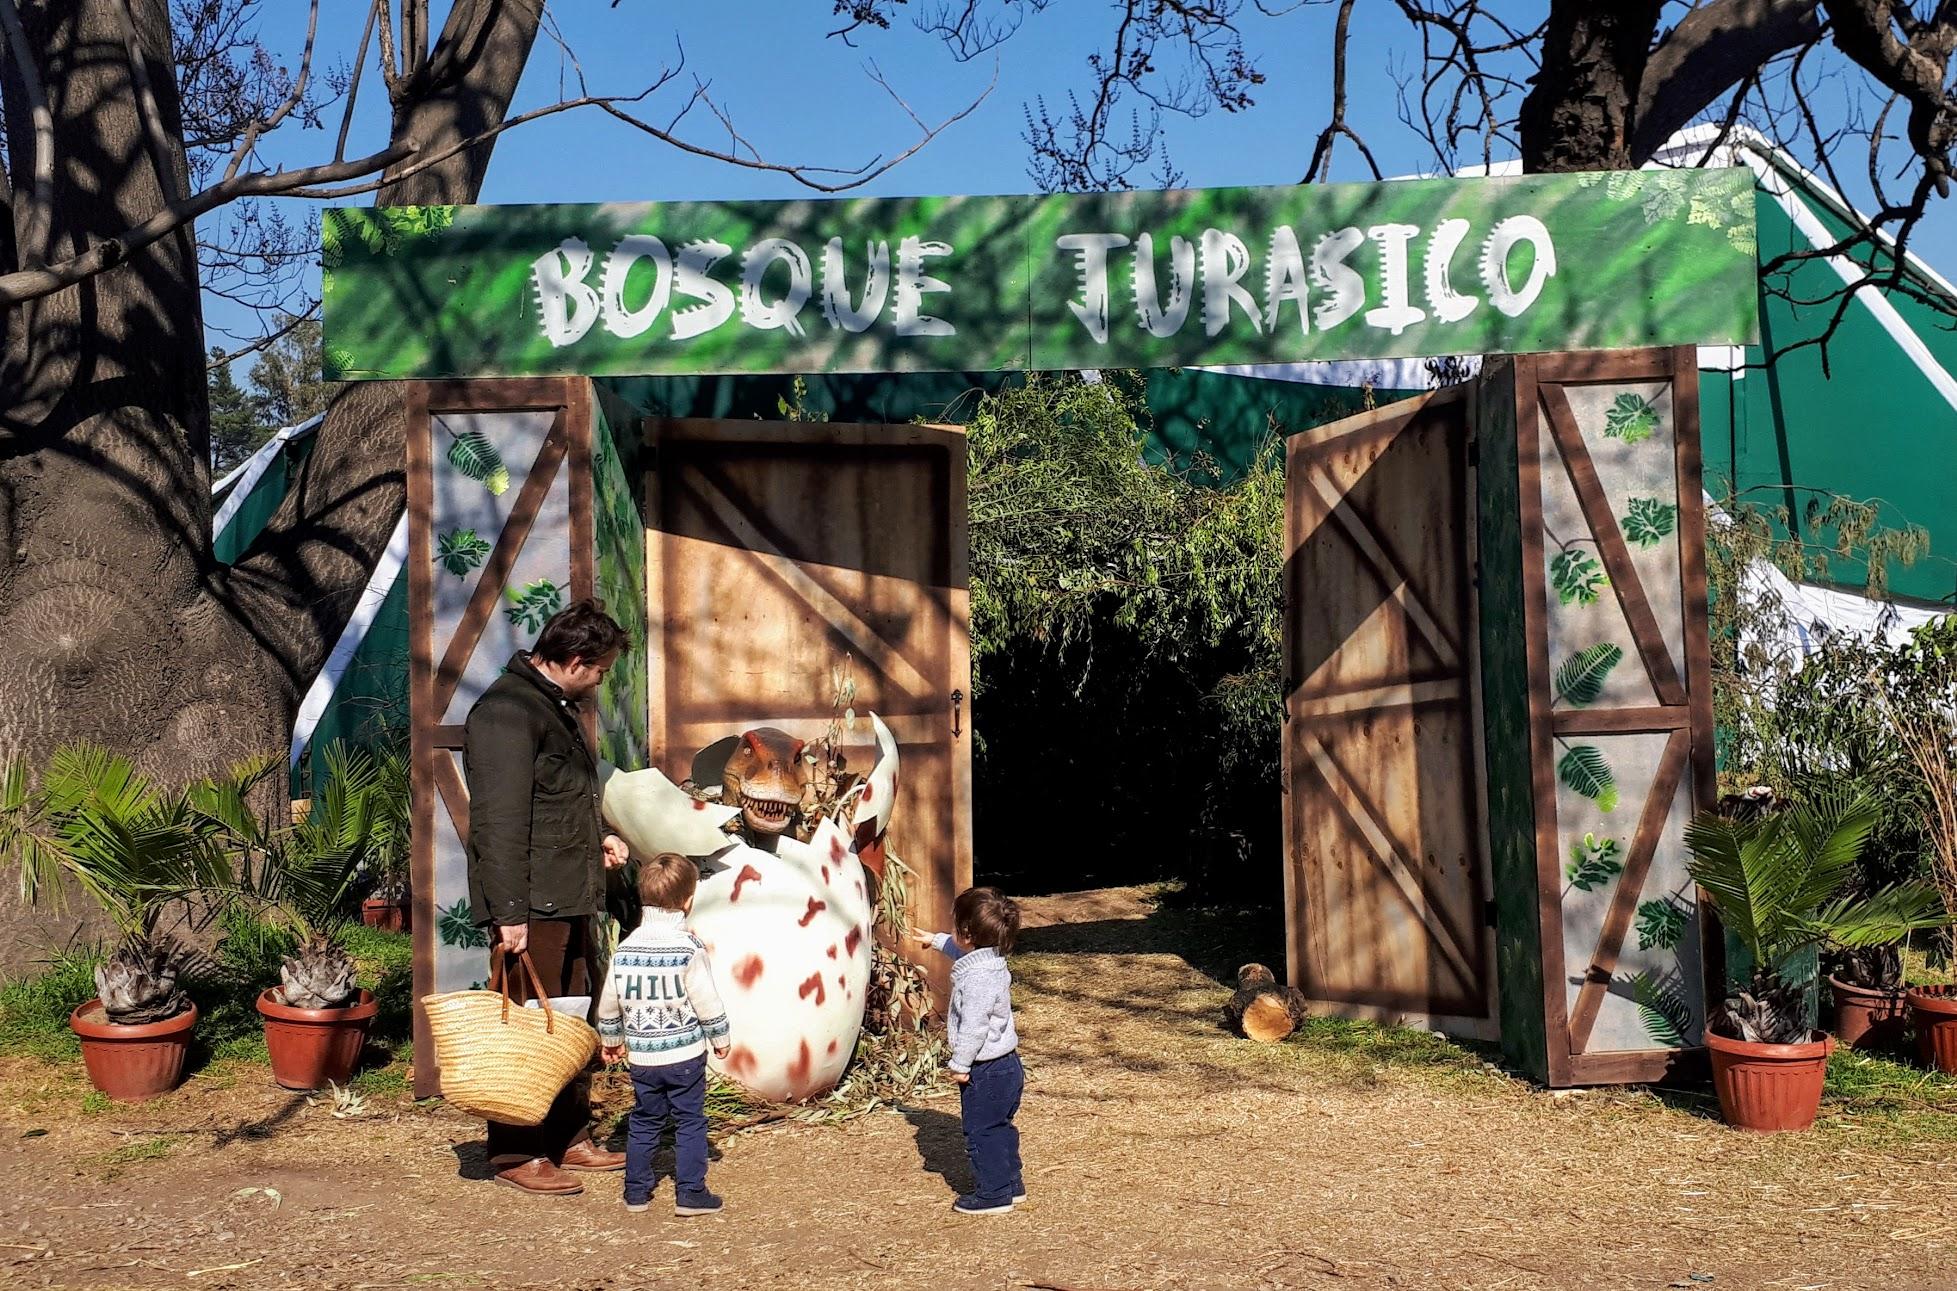 Bosque Jurasico Jurassic dinosaur park